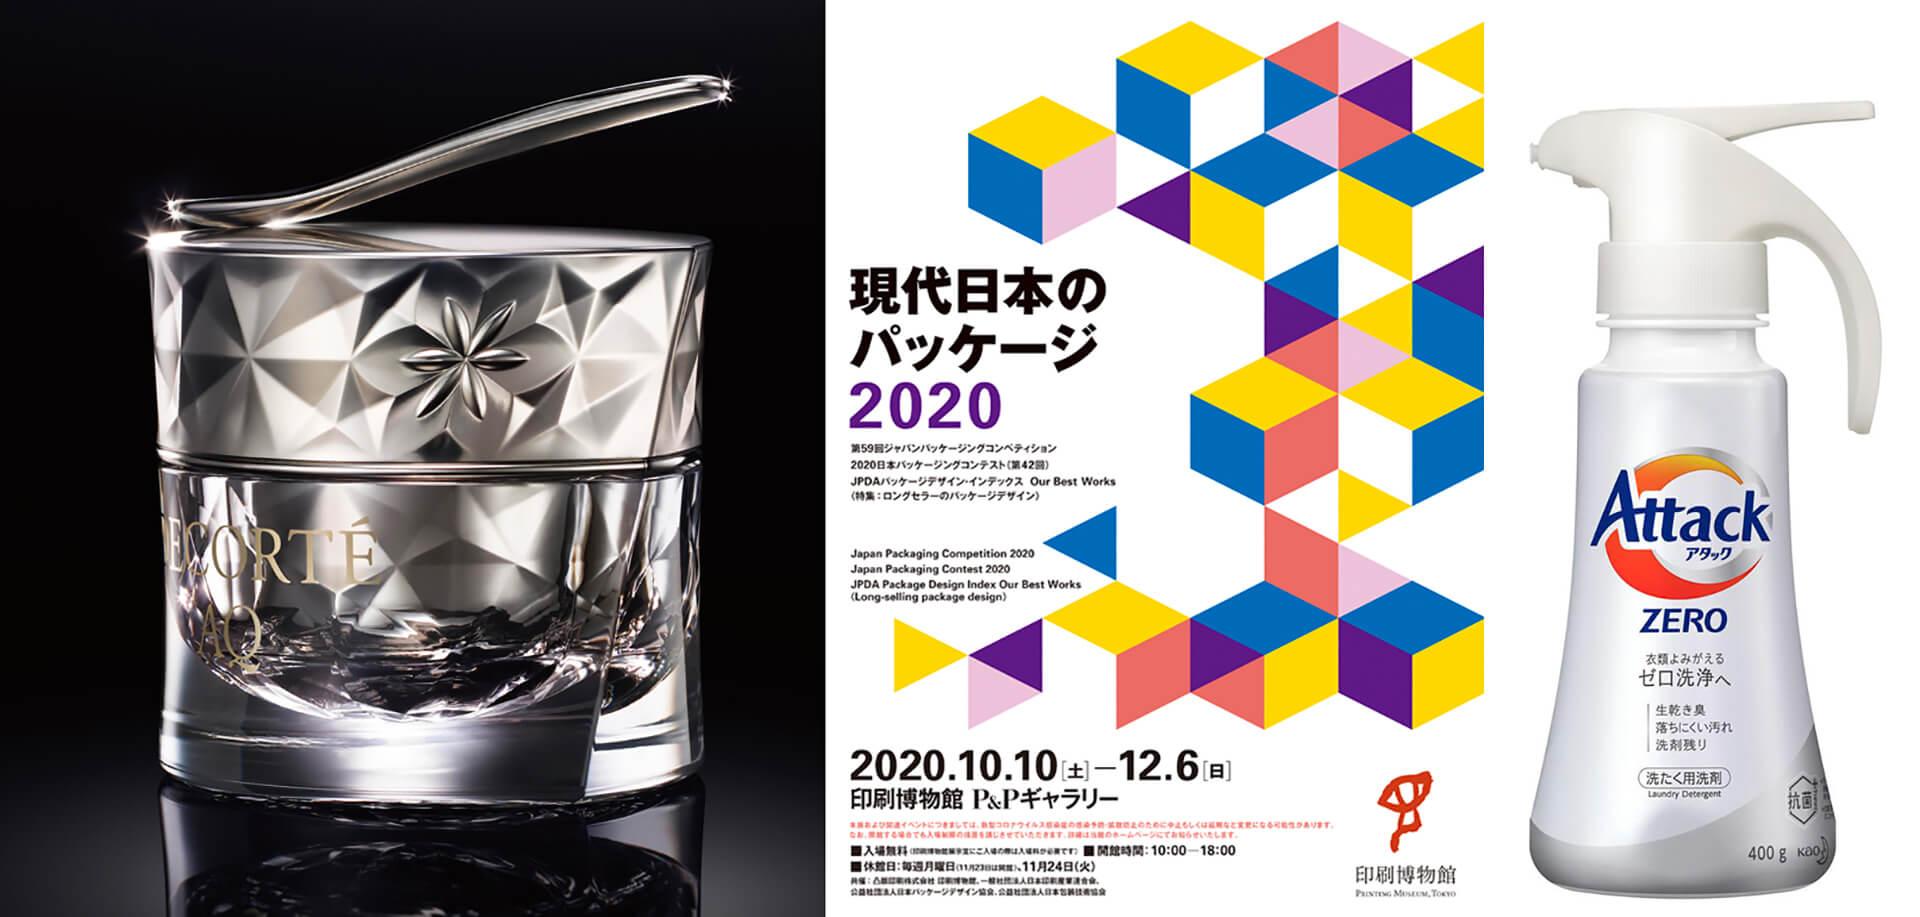 「現代日本のパッケージ2020」展